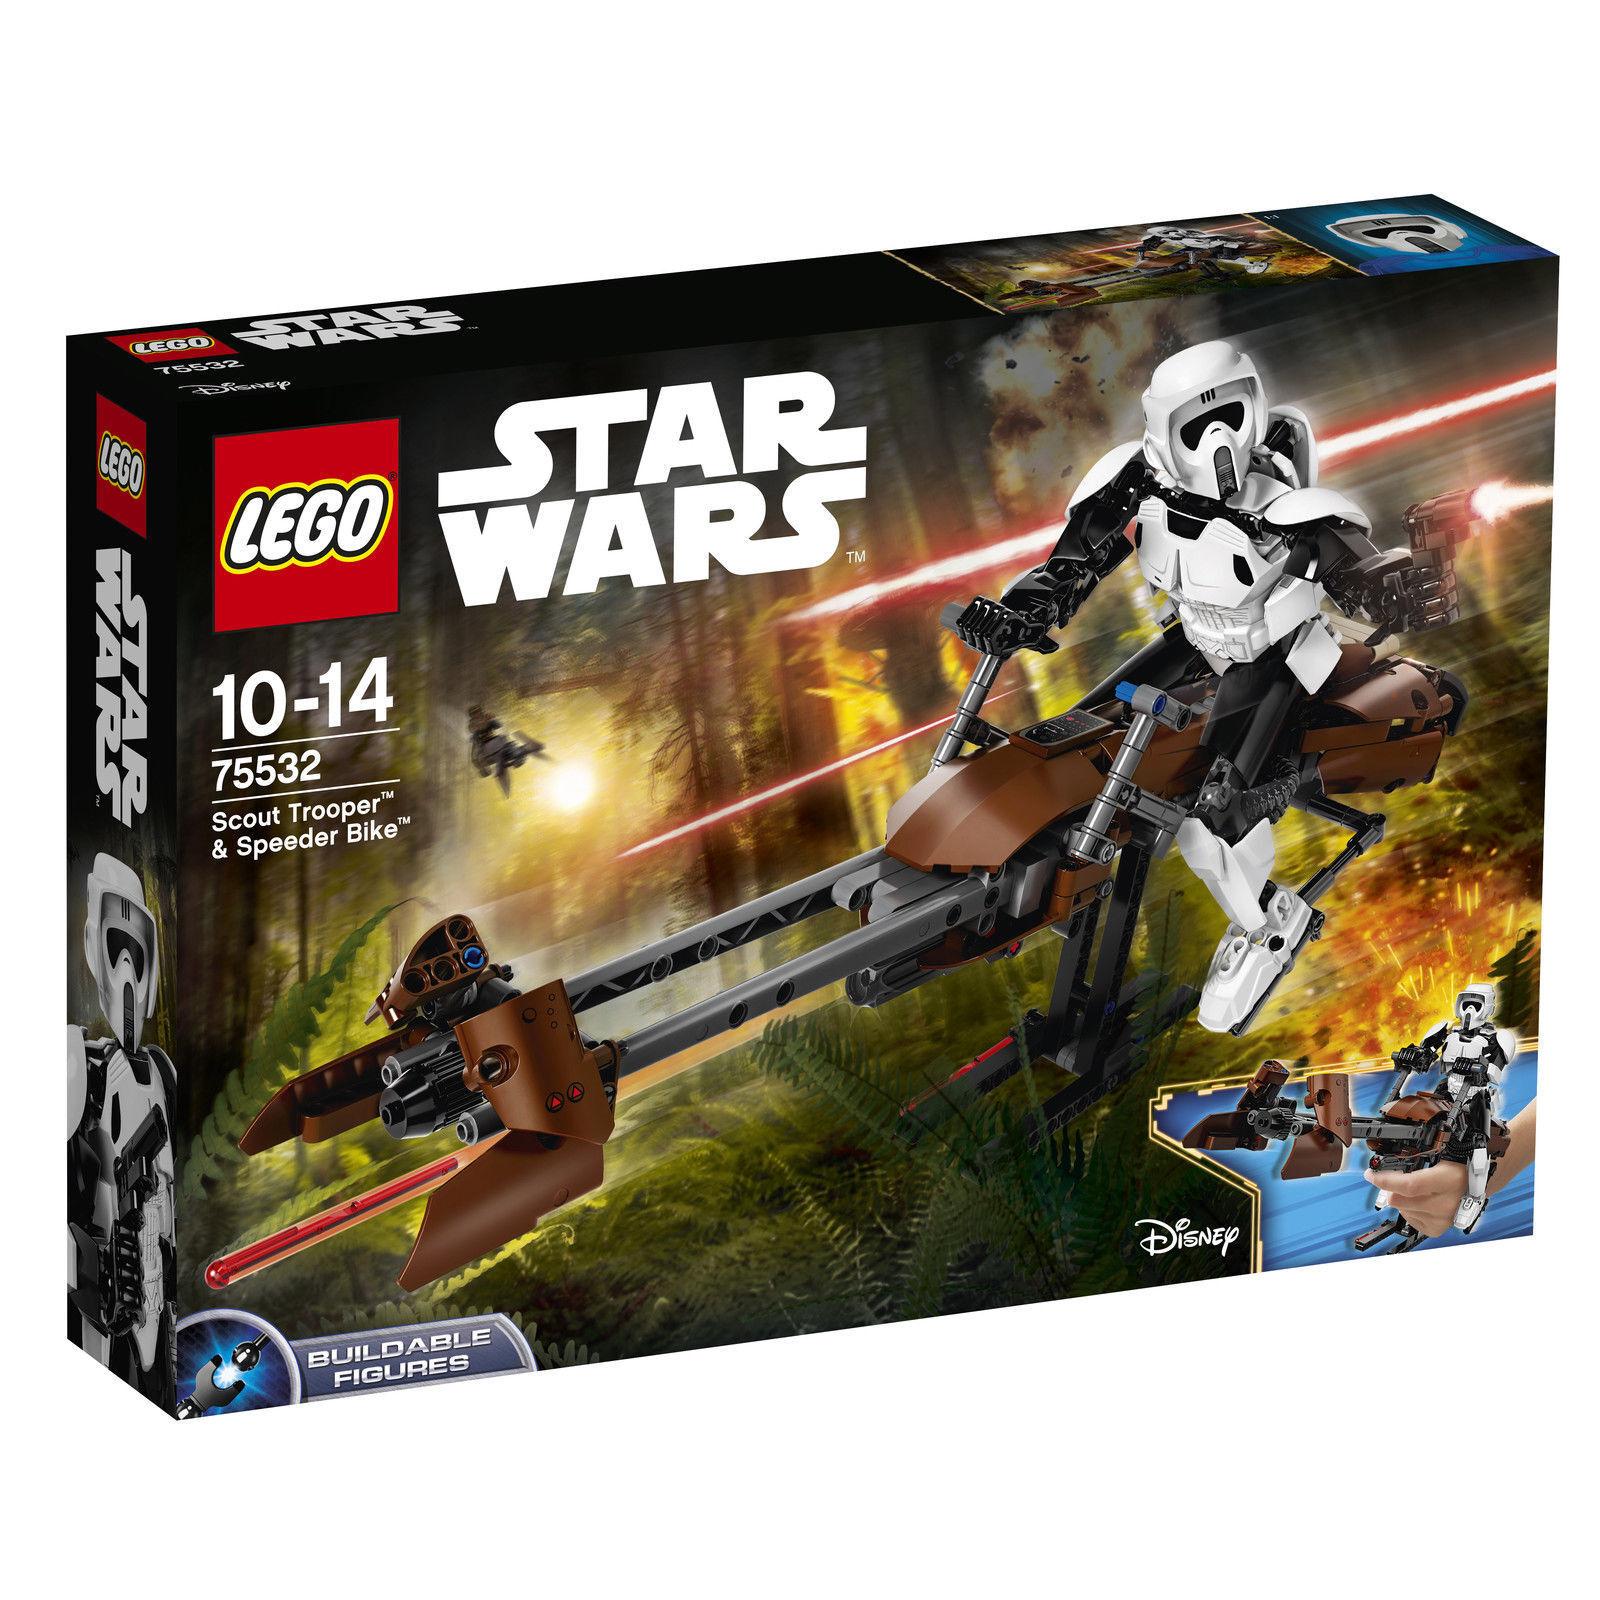 LEGO ®  Star Wars ™ 75532 Scout soldat ™ & Speeder Bike ™ nouveau neuf dans sa boîte nouveau En parfait état, dans sa boîte scellée Boîte d'origine jamais ouverte  économiser jusqu'à 80%